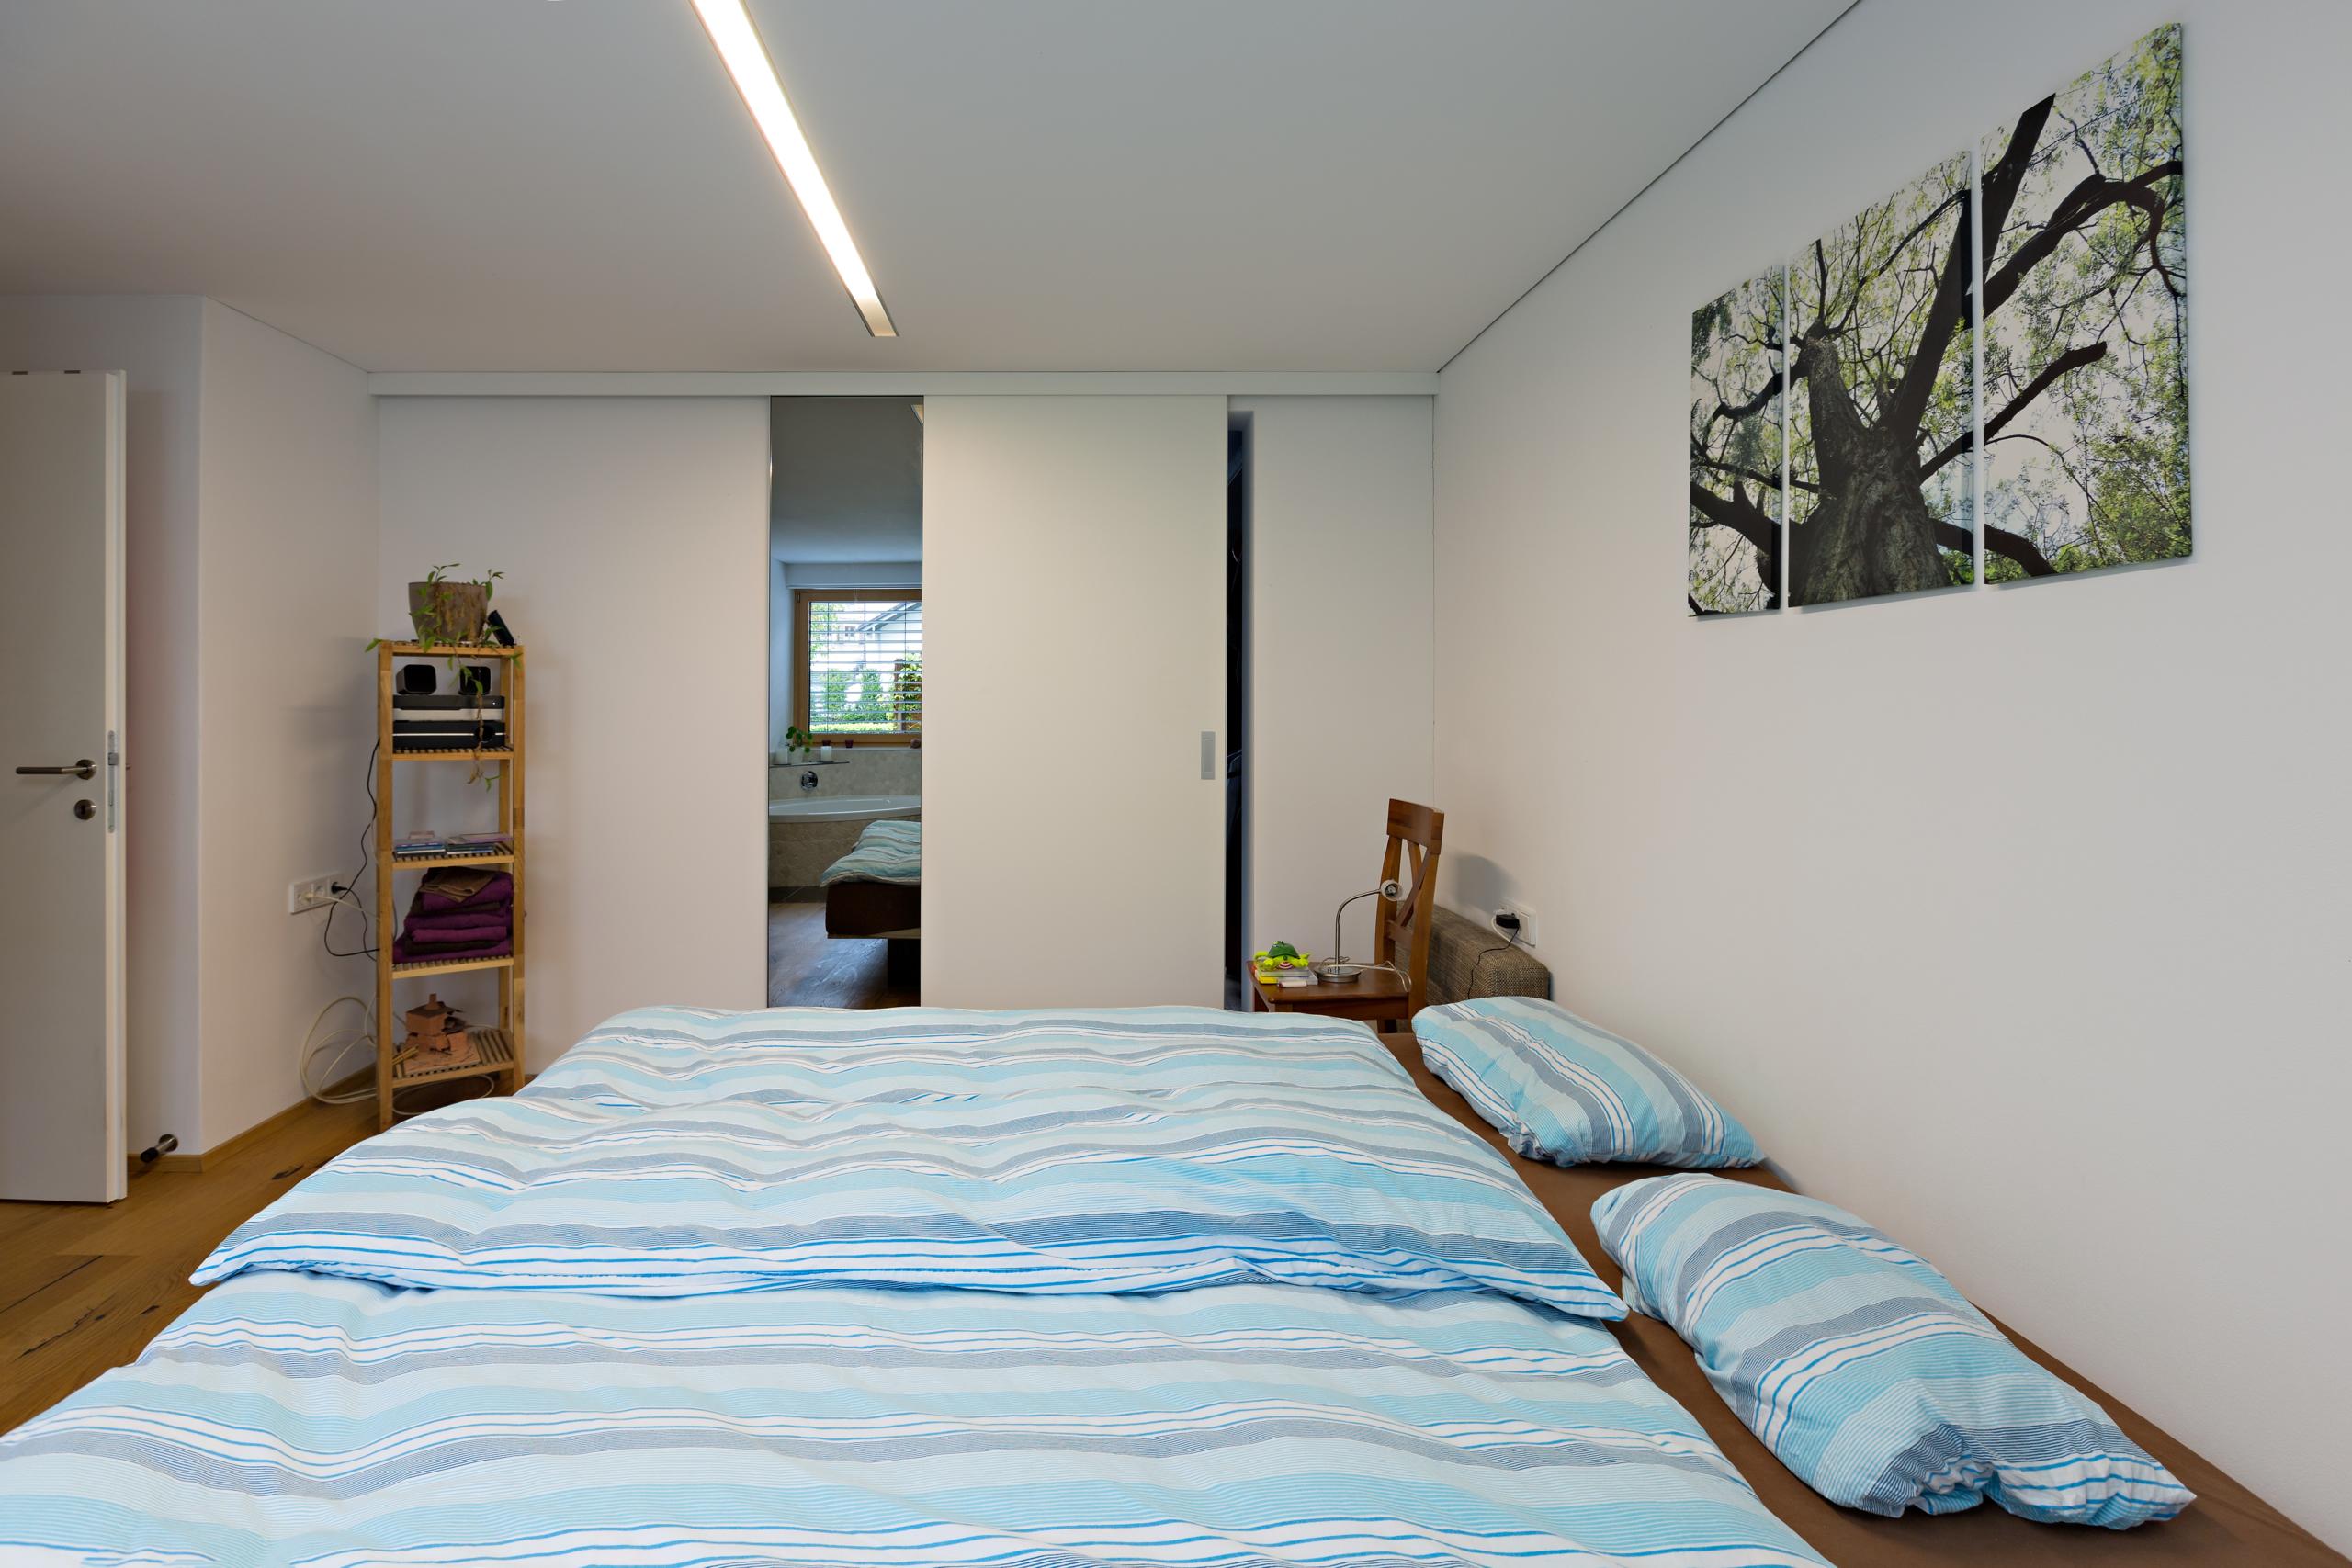 GroBartig Schrankraum Begehbar Direkt Neben Dem Bett